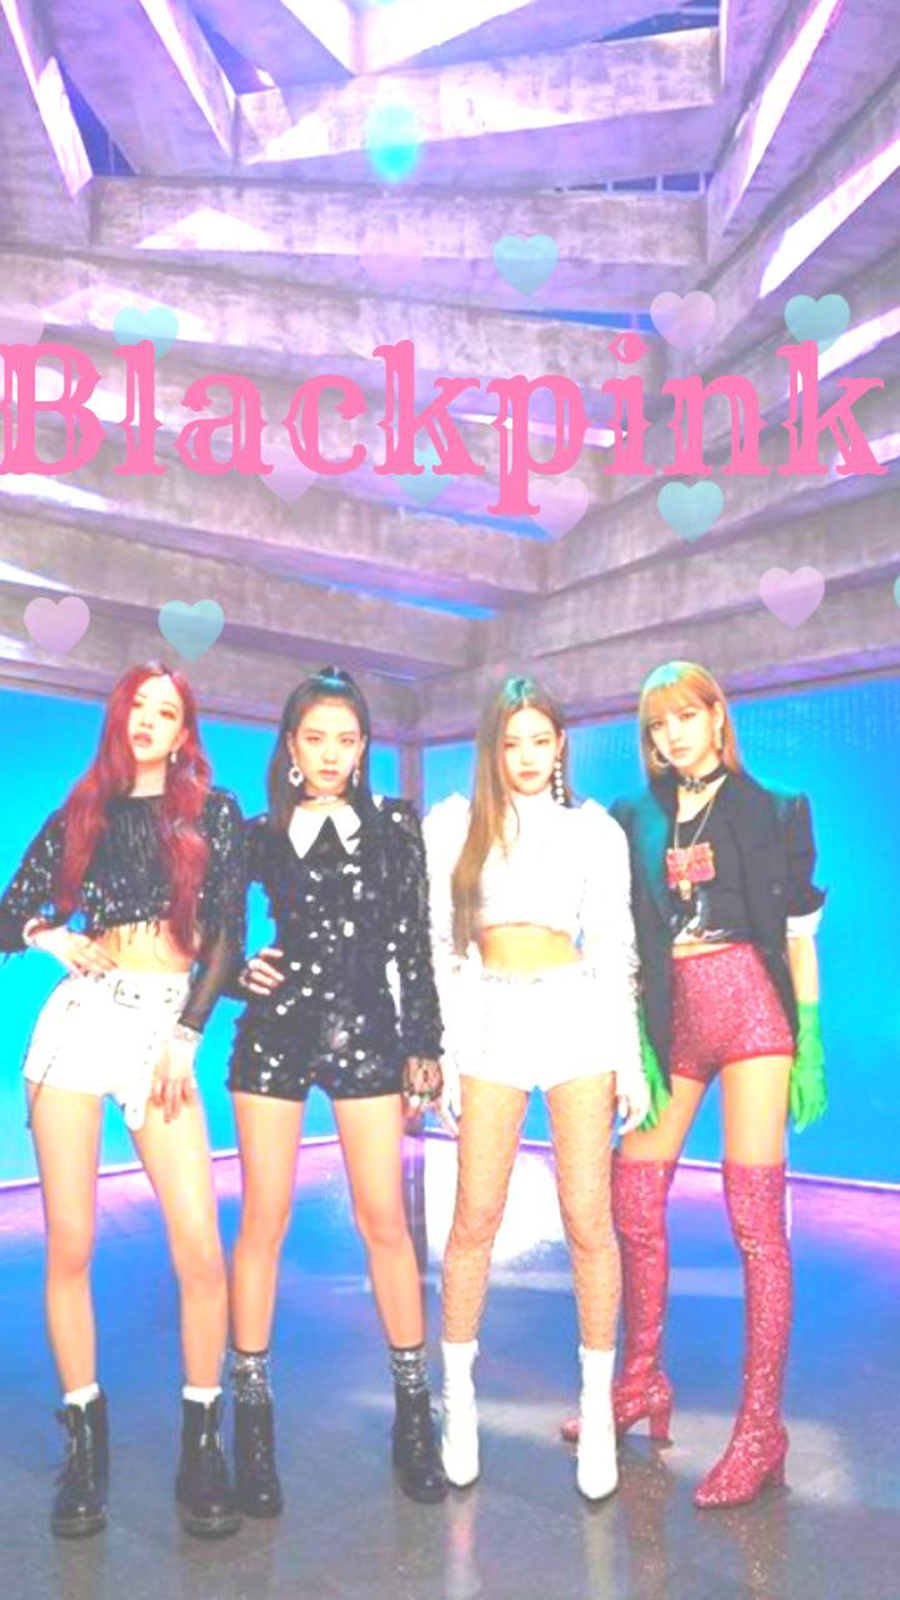 Blackpink Concert Wallpapers Download